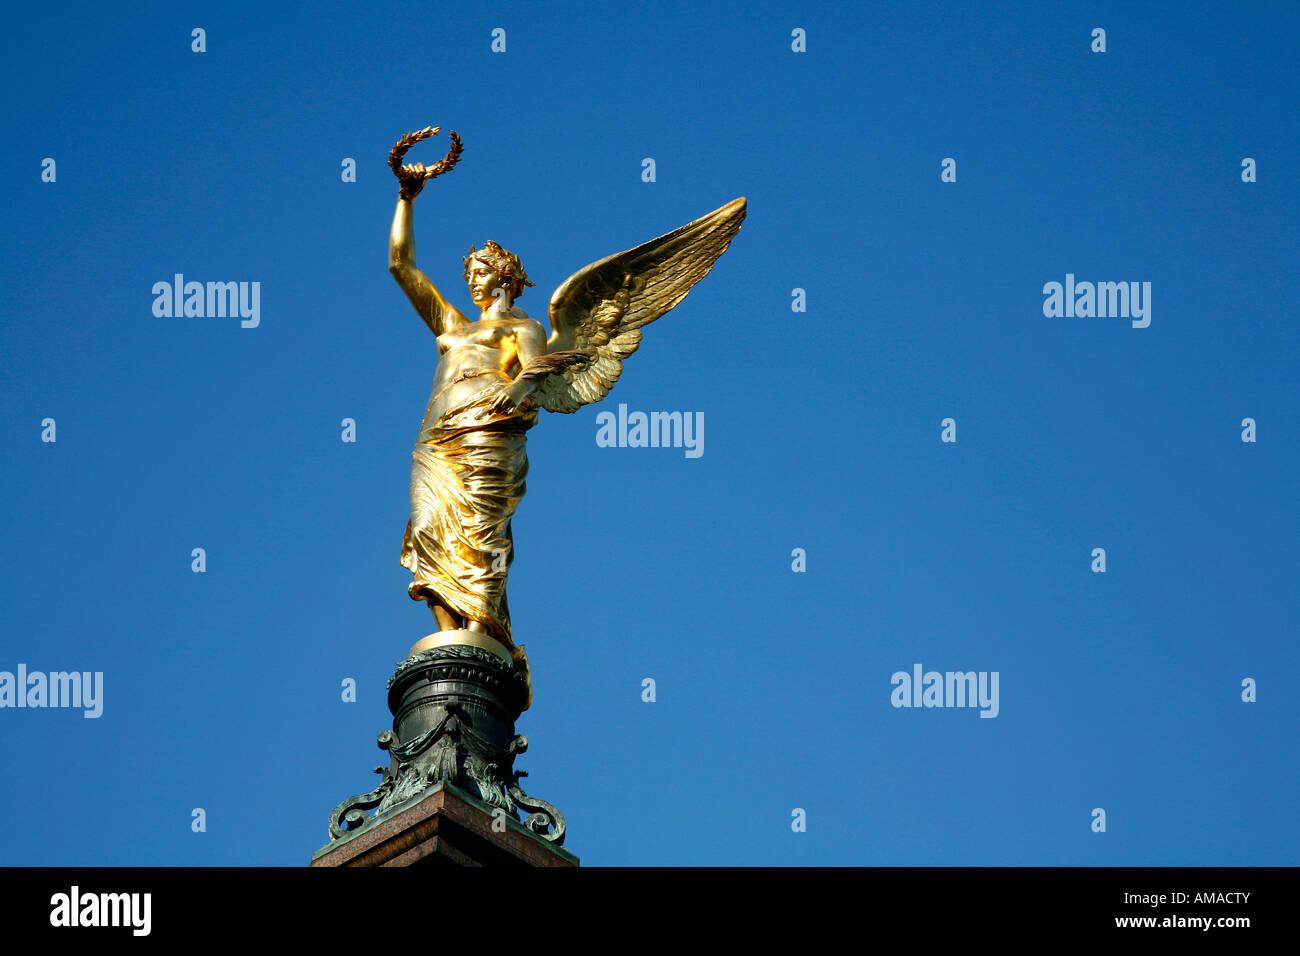 Aug 2008 - Golden Angel Liebenberg monument Vienna Austria - Stock Image